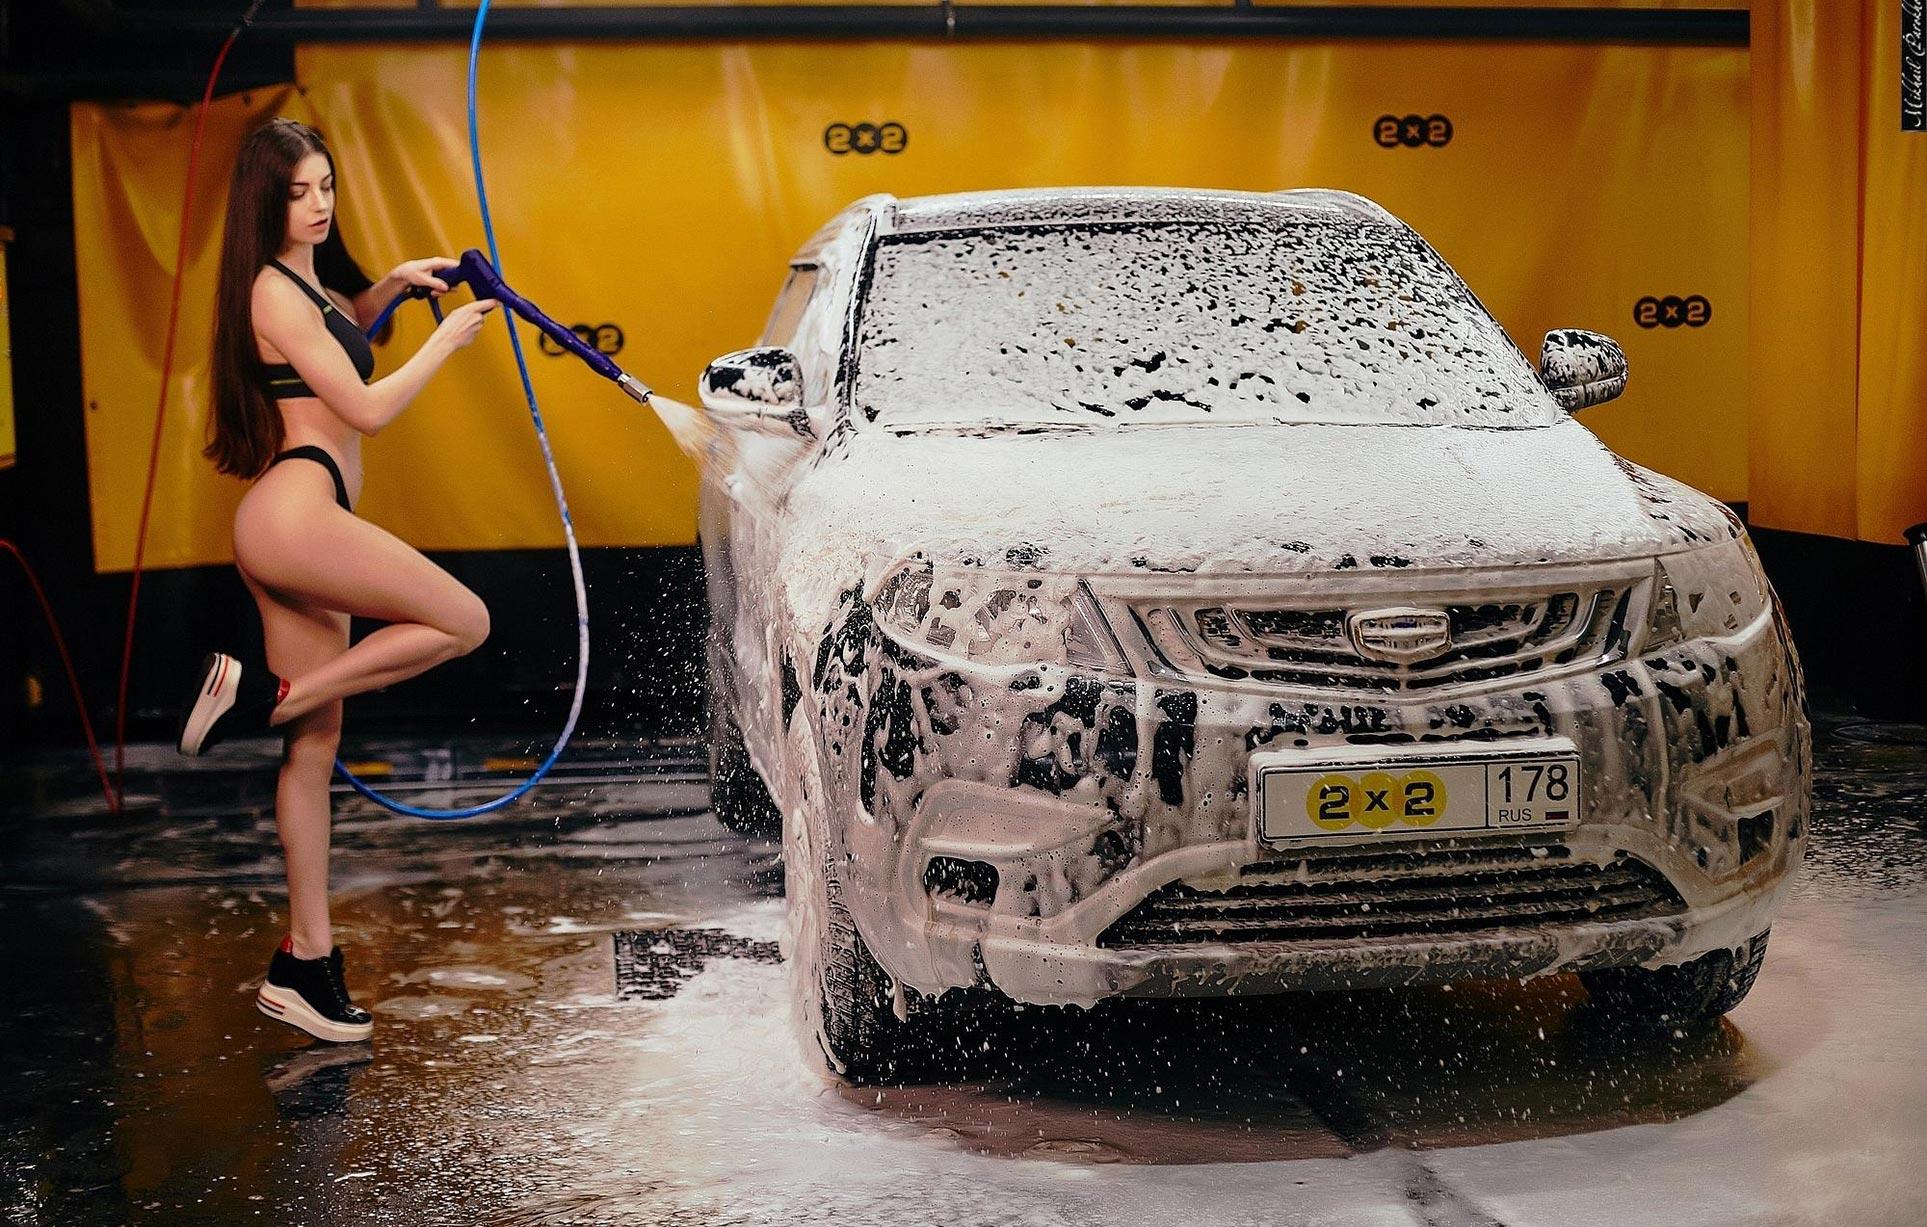 Анна Сазонова в купальнике моет машину / фото 07